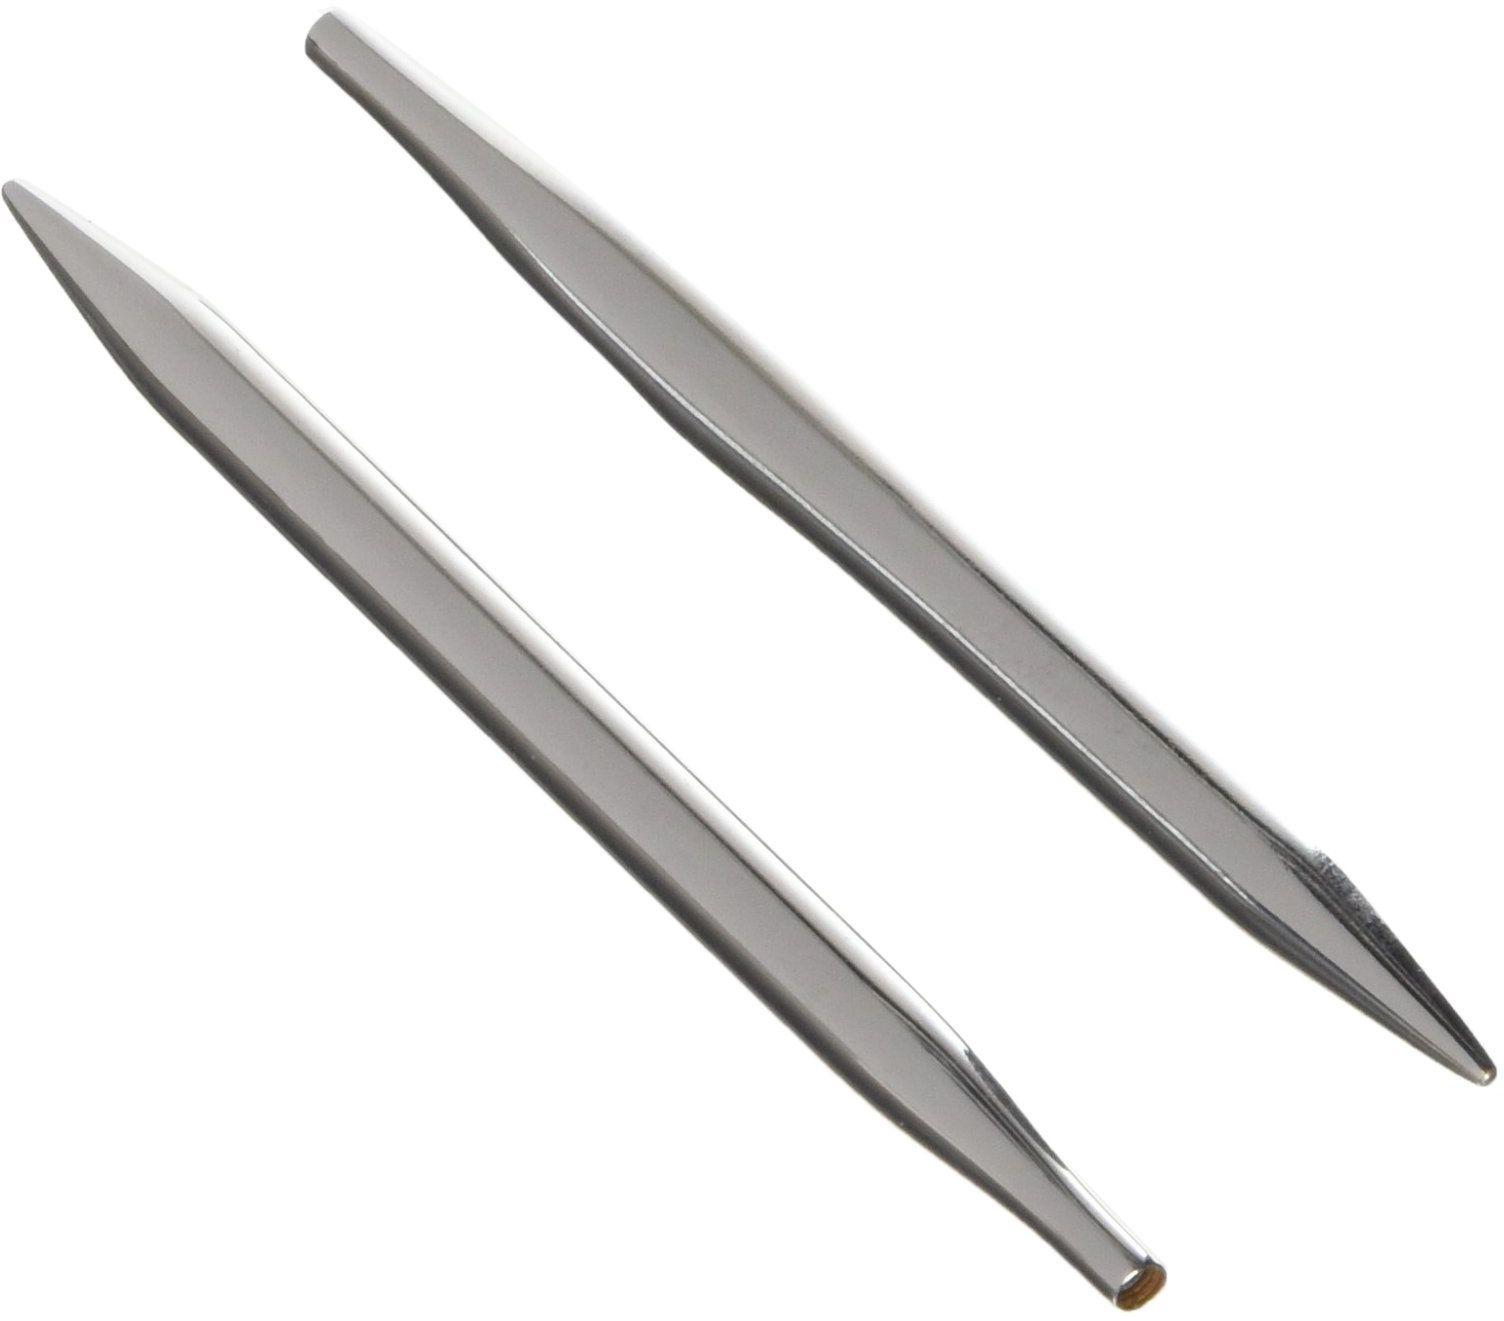 KnitPro kp10402 końcówki drutów do robienia na drutach, 1501 normalne drewno srebrne, mosiądz metal, wielokolorowe, 47,5 x 1,3 x 5 cm